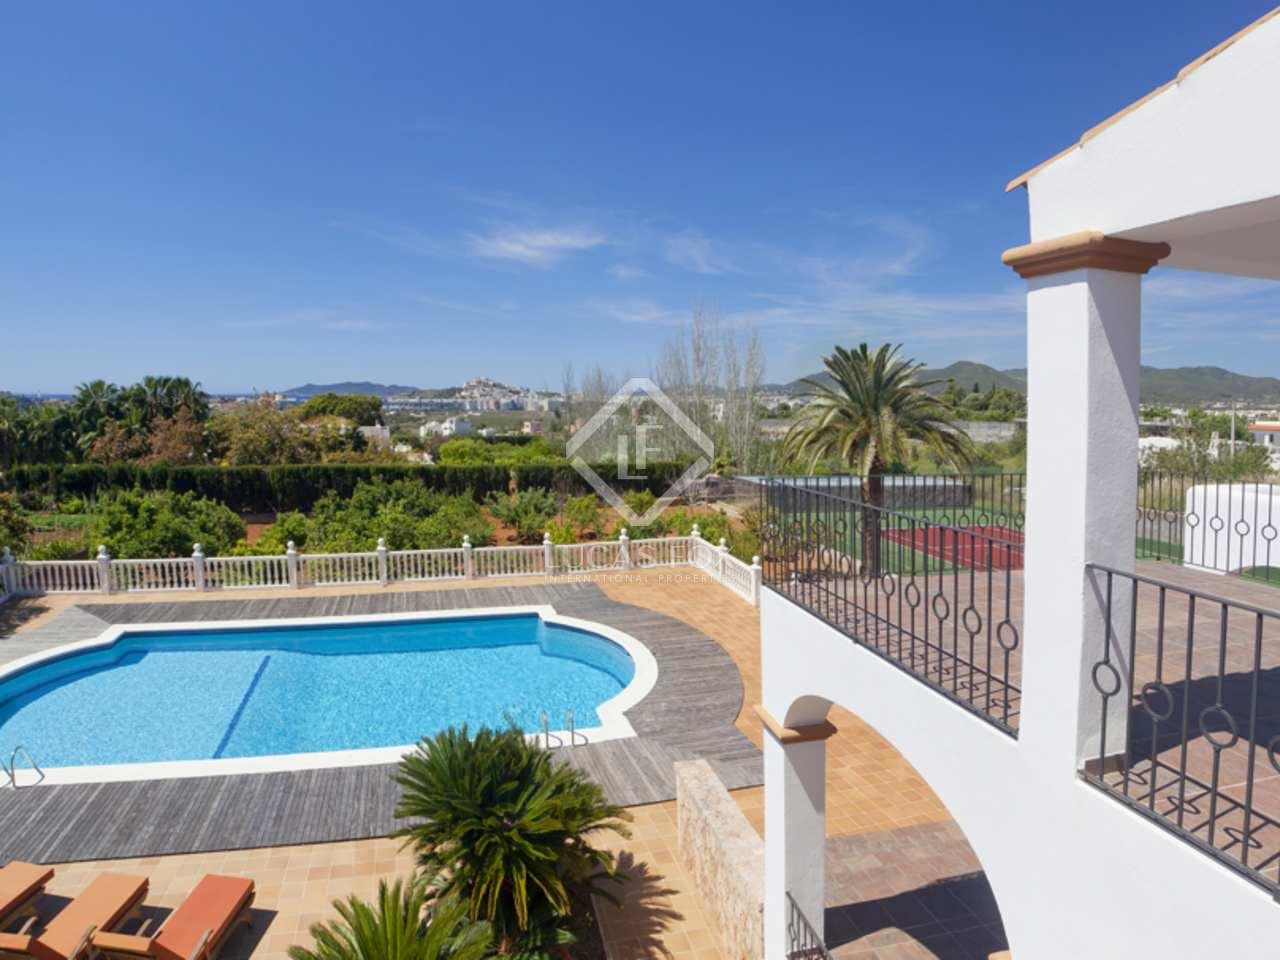 Villa de lujo en venta en talamanca ibiza con vistas al mar for Ciudad jardin ibiza